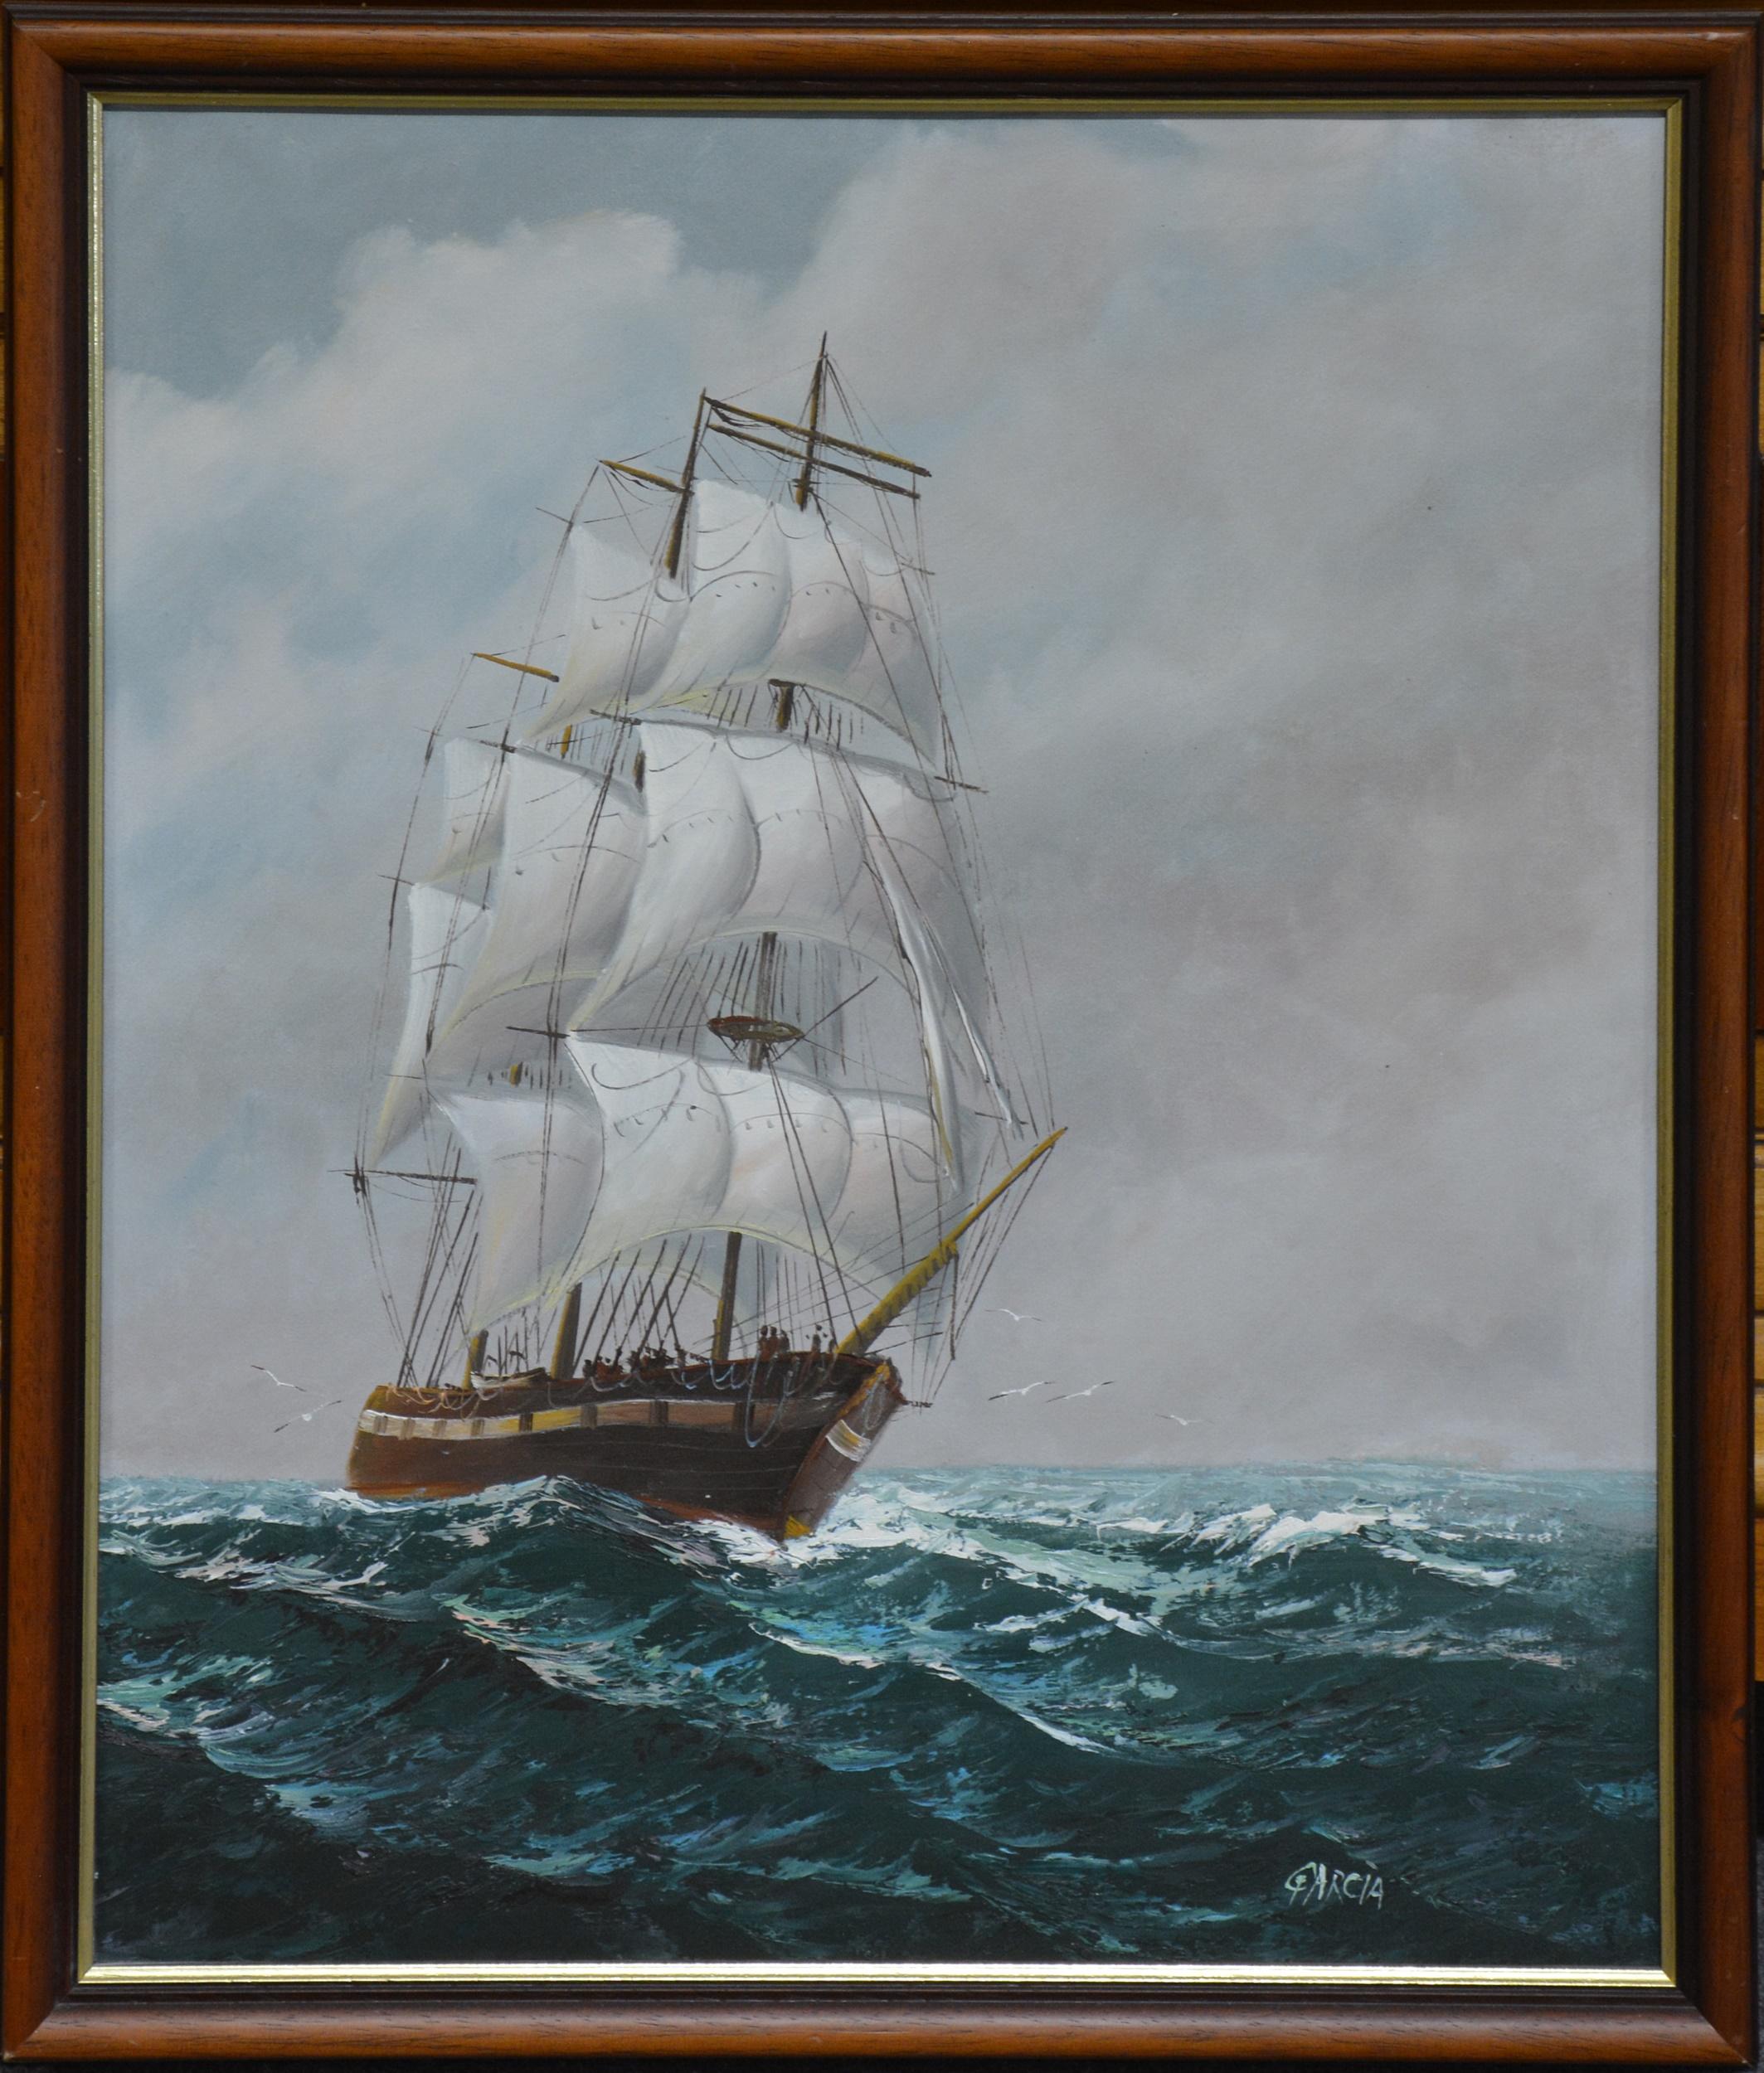 Garcia (Contemporary) - Galleon at Sea